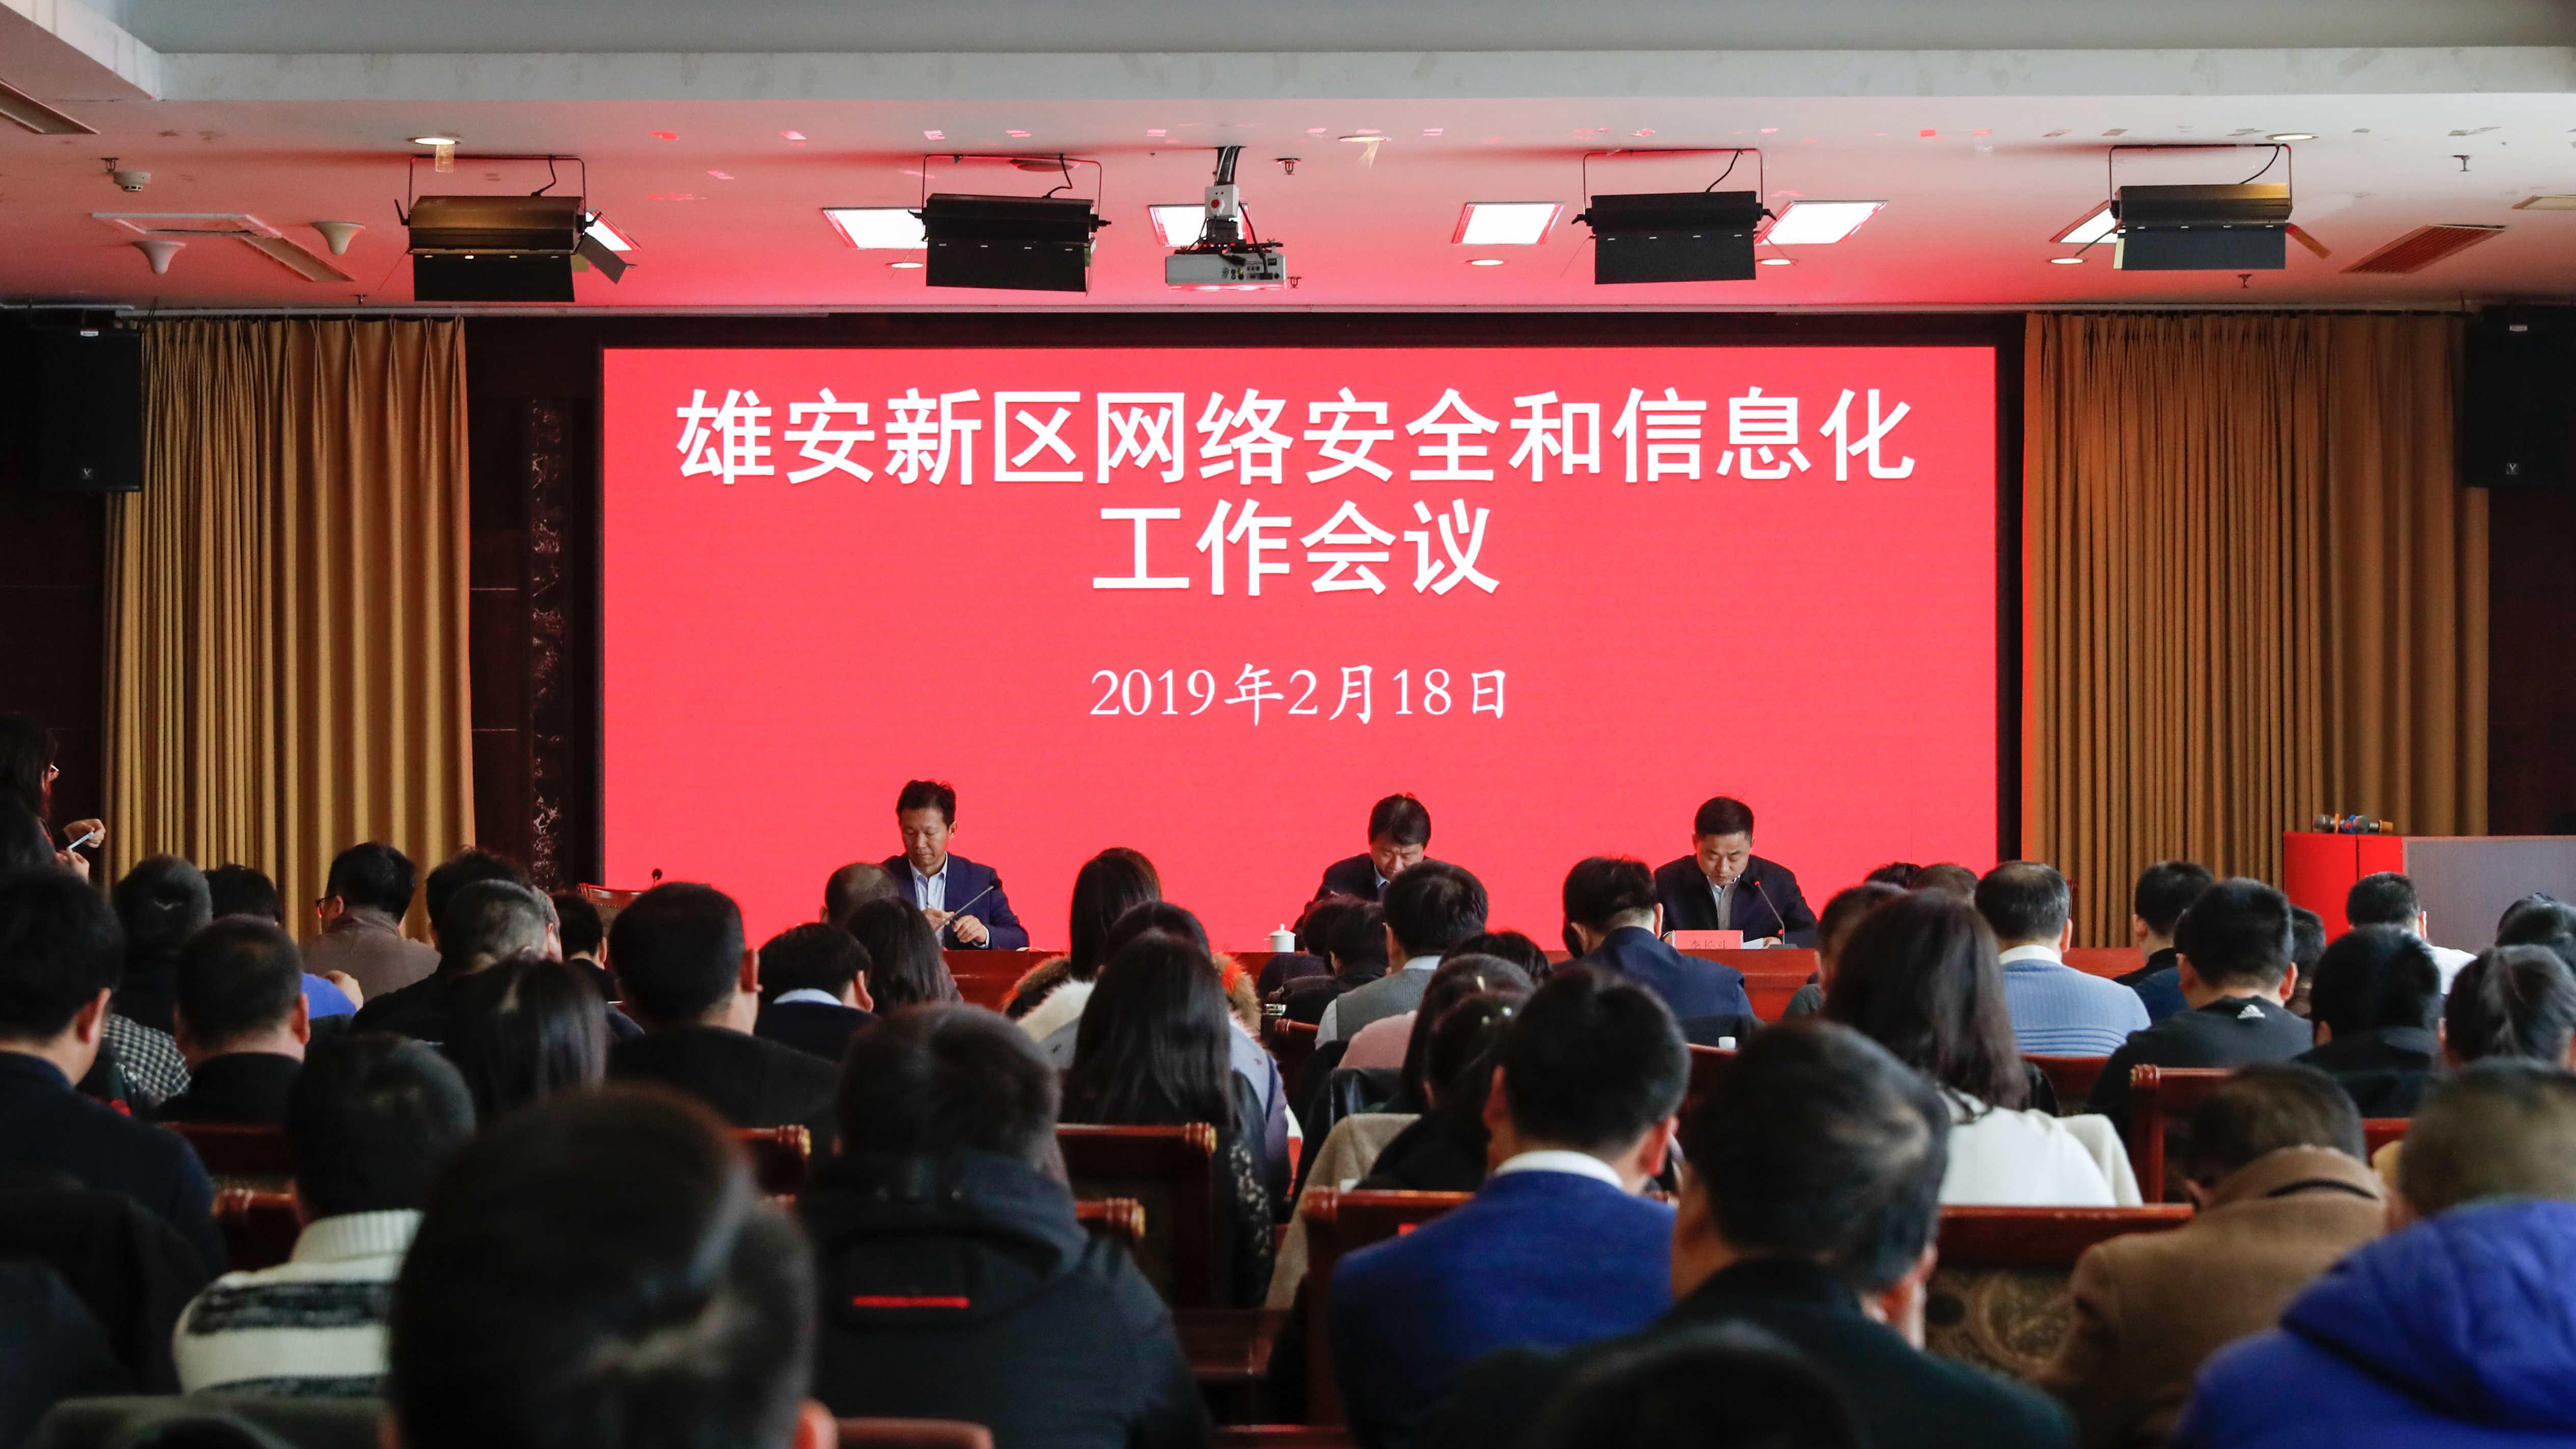 雄安新区网络安全和信息化工作会议召开